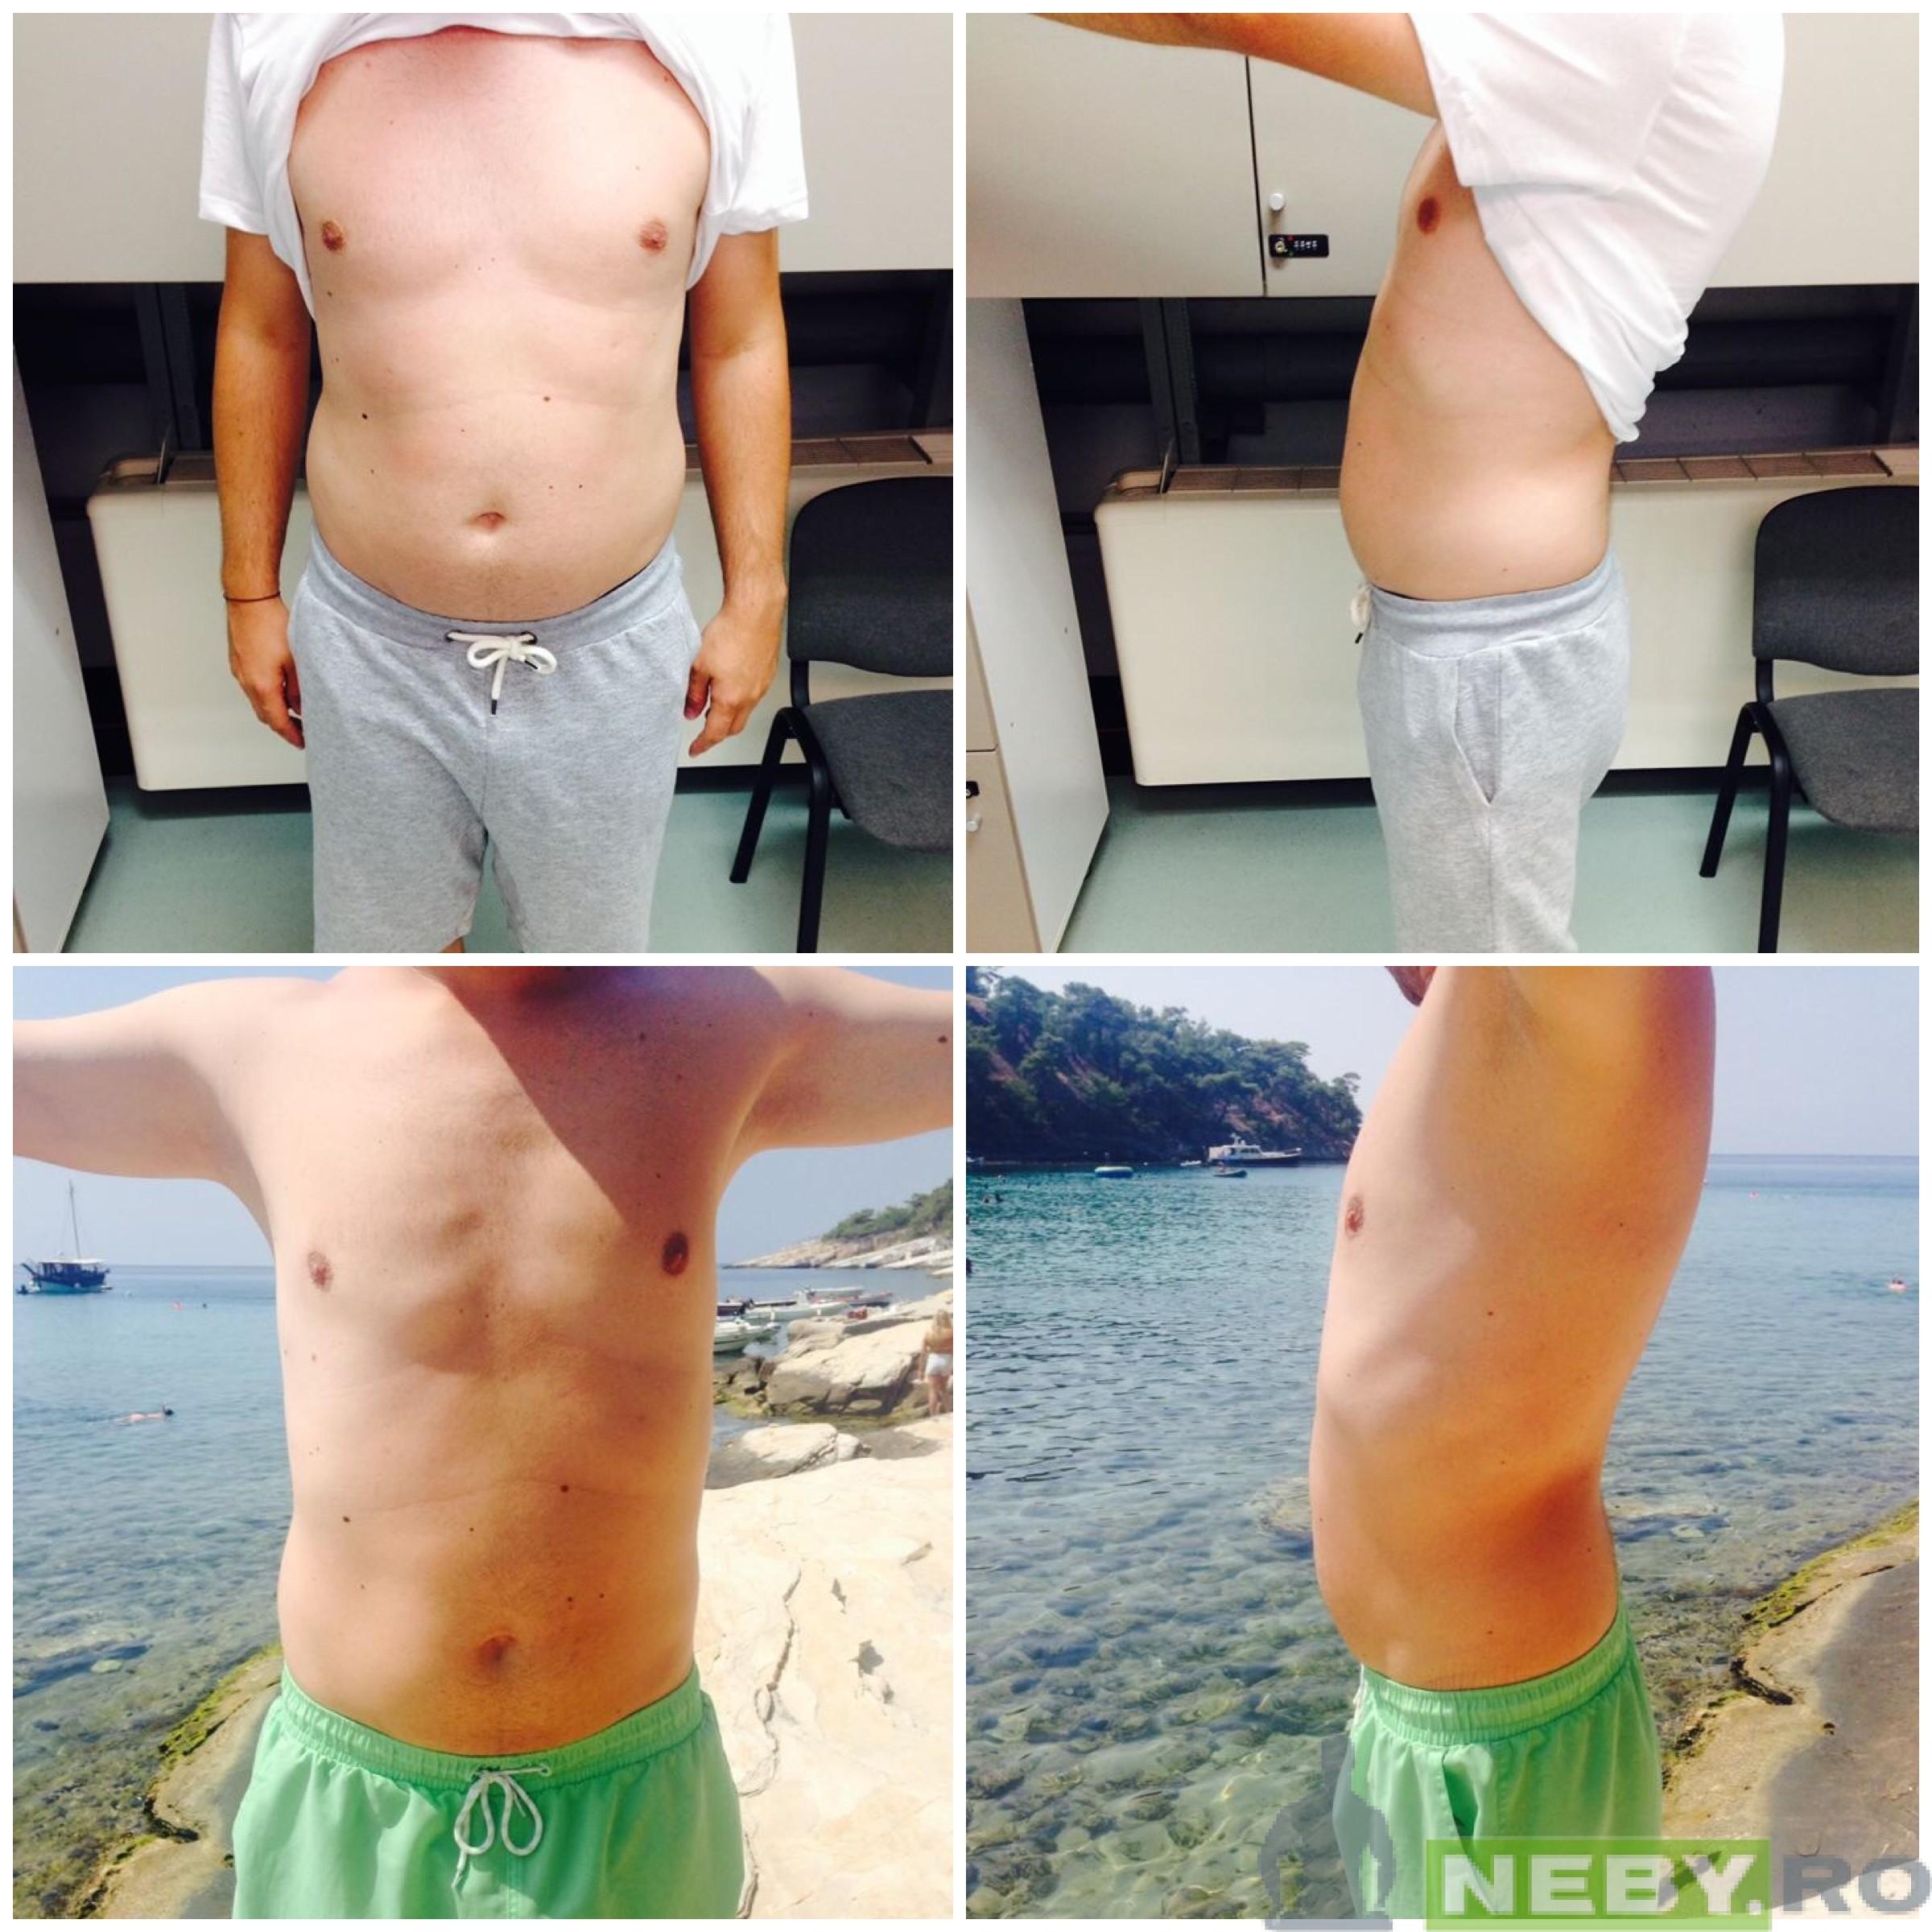 slăbește în 6 săptămâni Pierderea în greutate făcută pune